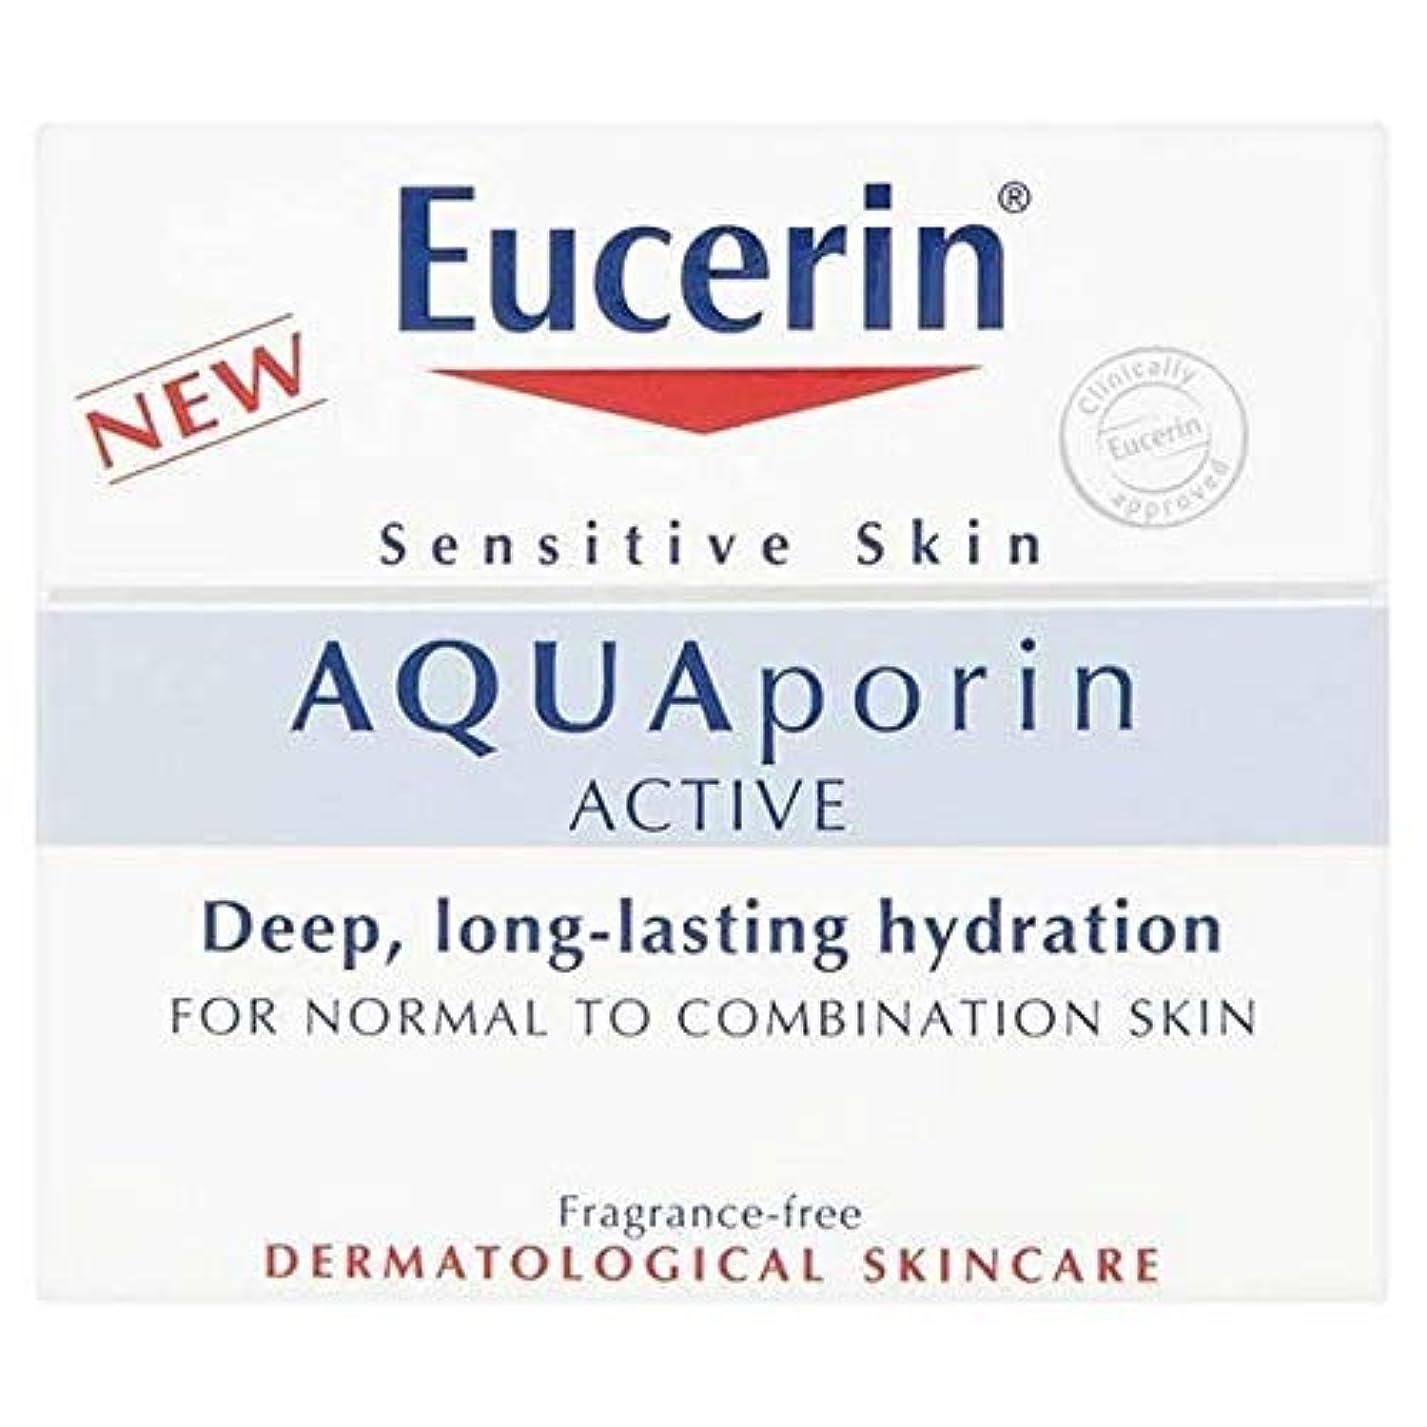 チラチラする天国イデオロギー[Eucerin ] ノーマル/櫛皮膚50ミリリットルのためのユーセリンアクアポリンアクティブ水和 - Eucerin Aquaporin Active Hydration for Normal/Comb Skin 50ml...